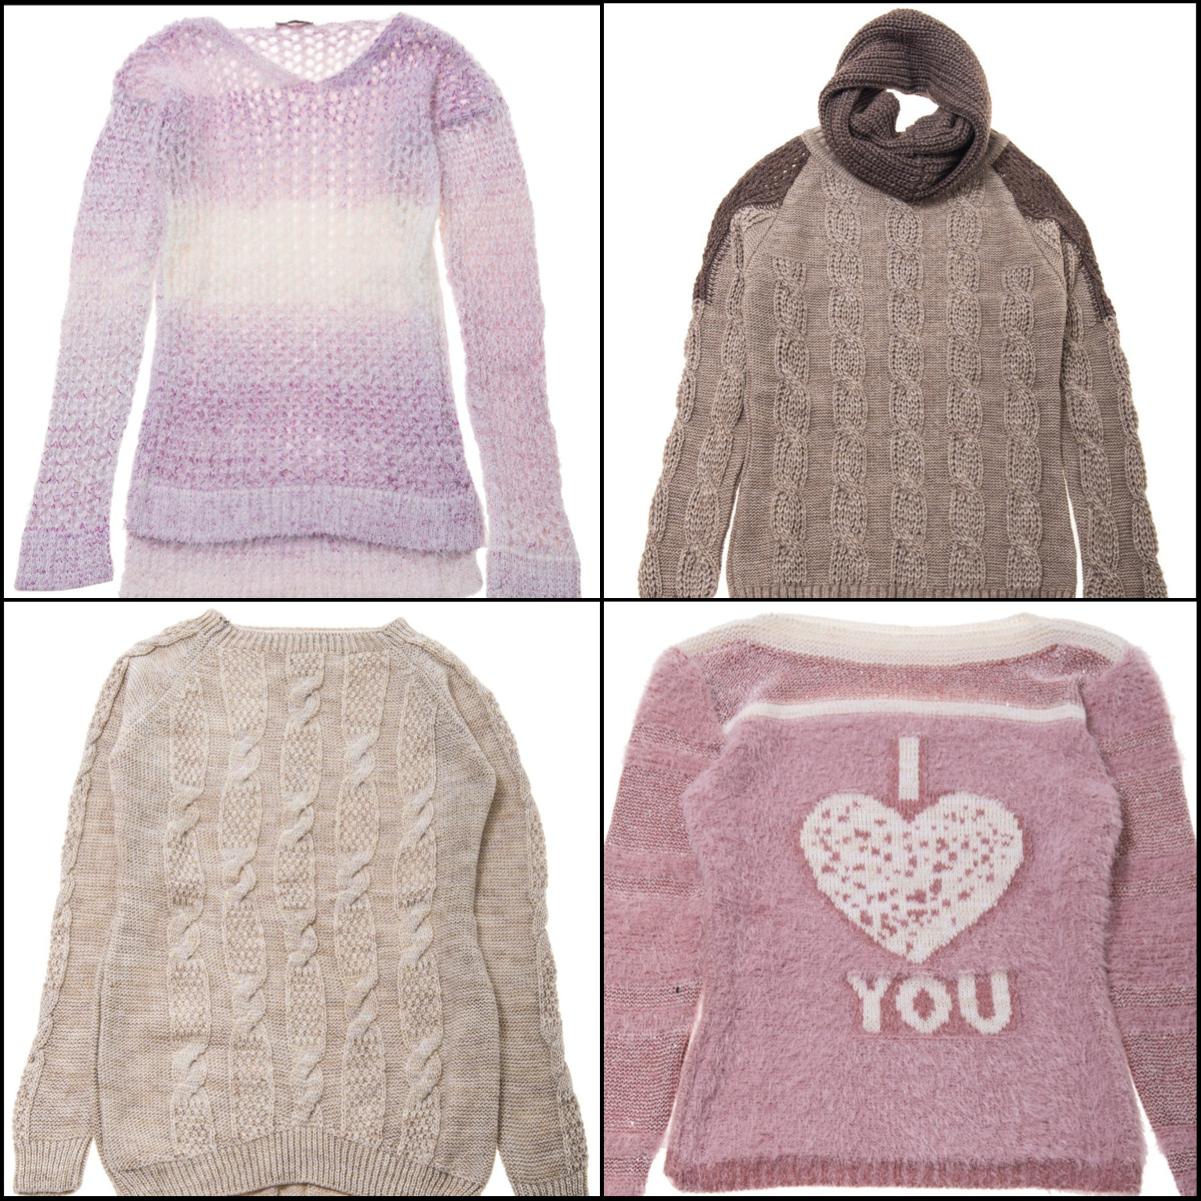 Είδατε τα καινούρια σχέδια σε γυναικείες πλεκτές μπλούζες στο www.AZshop.gr; Αποκτήστε τις online εδώ: http://is.gd/mplouzes_gynaikeies